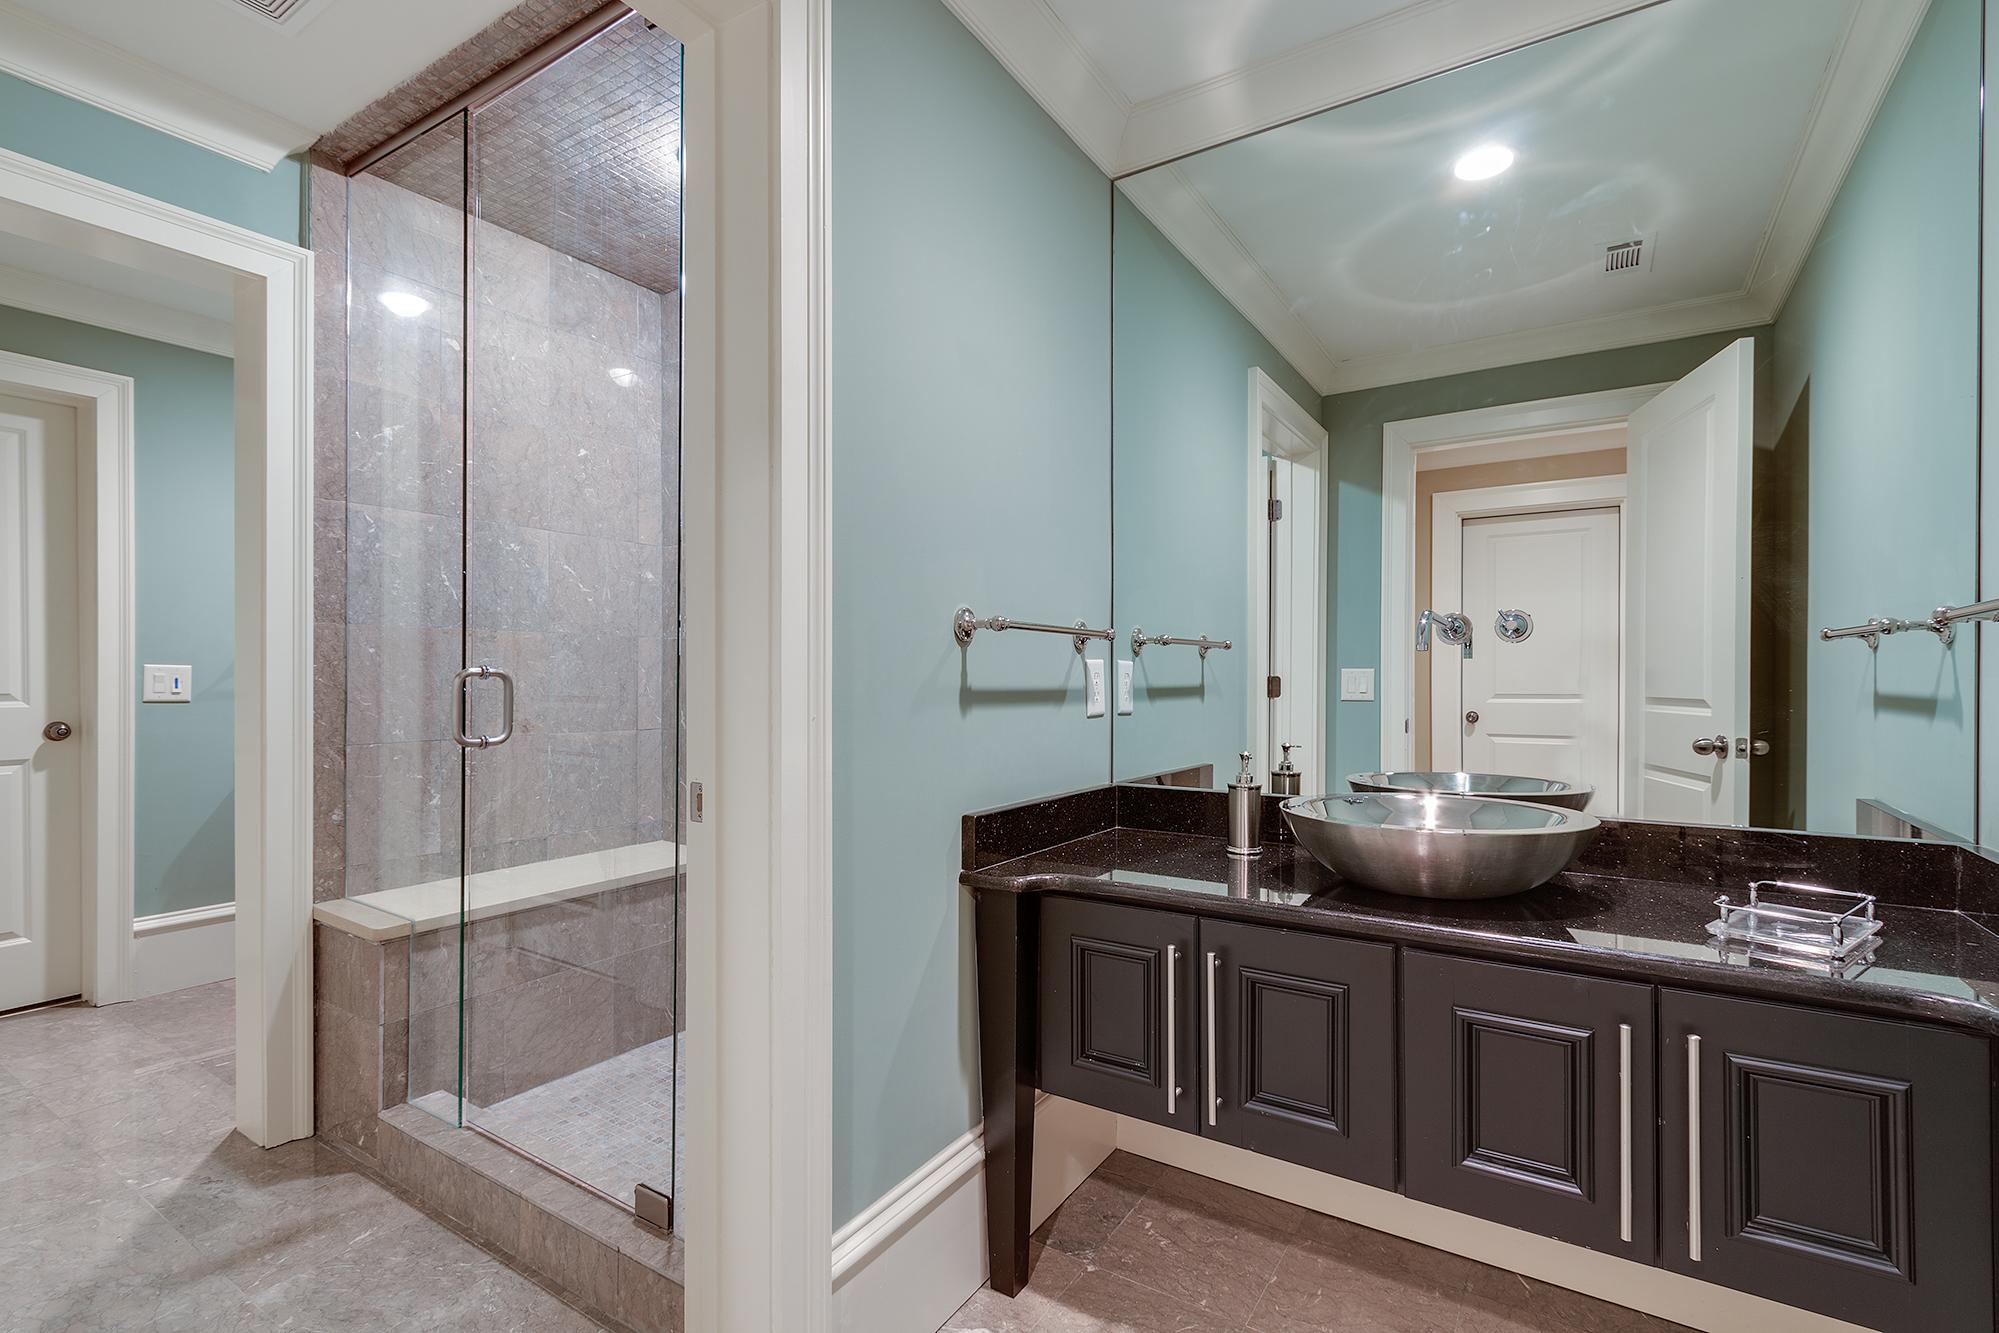 T-JacknJill Bath-019.jpg